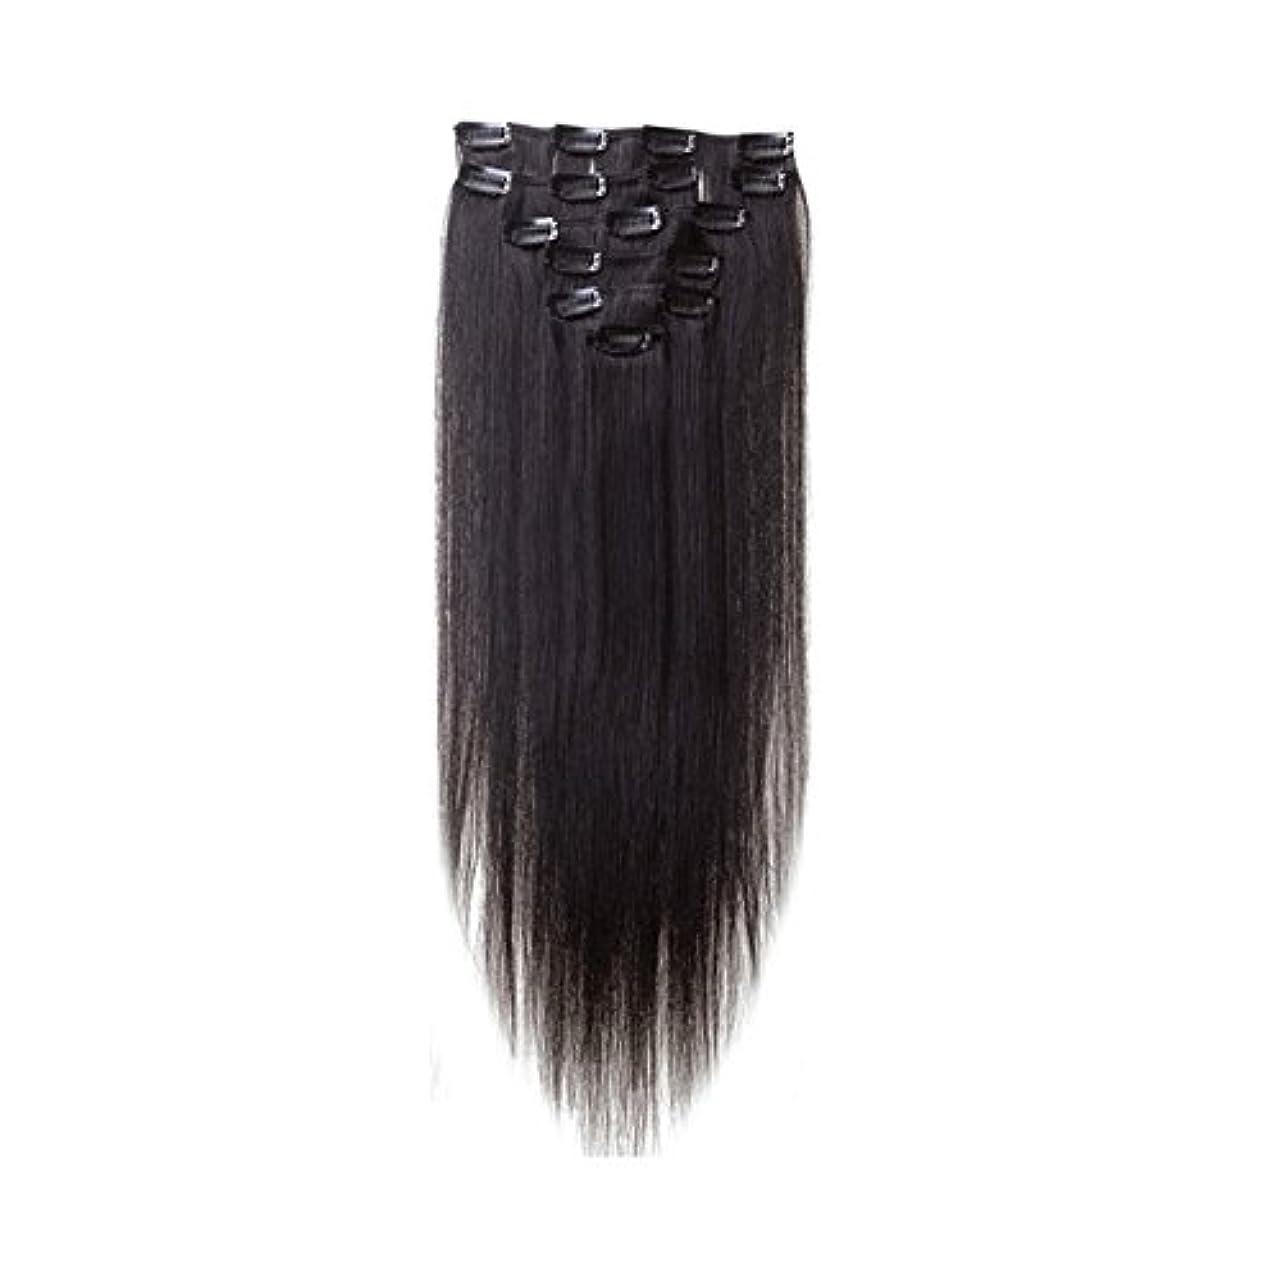 地図センチメンタルつかまえるヘアエクステンション,SODIAL(R) 女性の人間の髪 クリップインヘアエクステンション 7件 70g 22インチ ナチュラルブラック